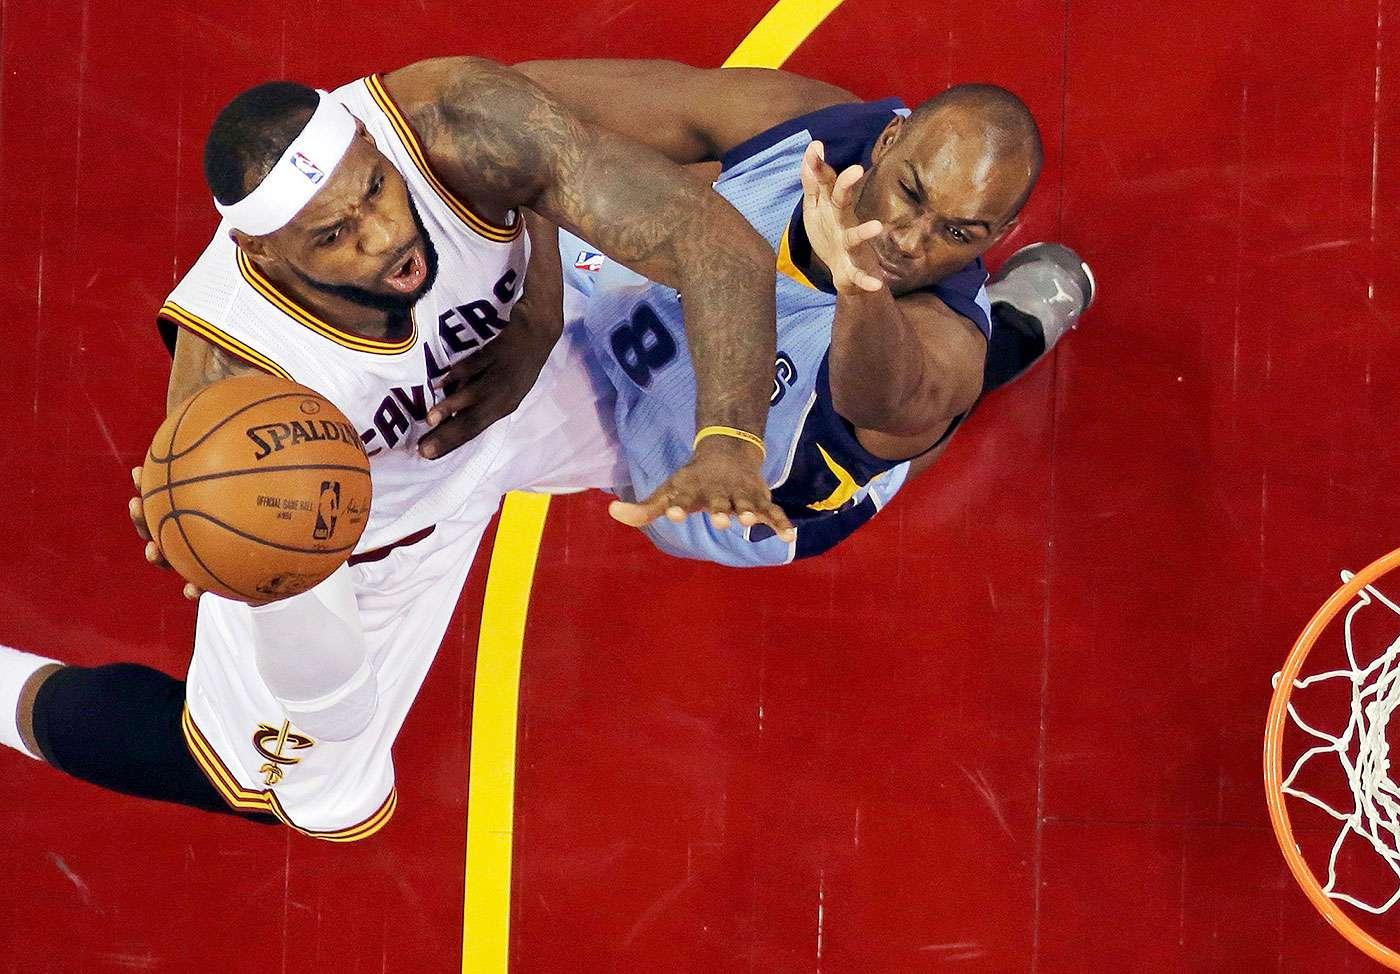 LeBron James, de los Cavaliers de Cleveland, dispara frente a Quincy Poindexter, de los Grizzlies de Memphis, en el encuentro del domingo 21 de diciembre de 2014 Foto: Mark Duncan/AP